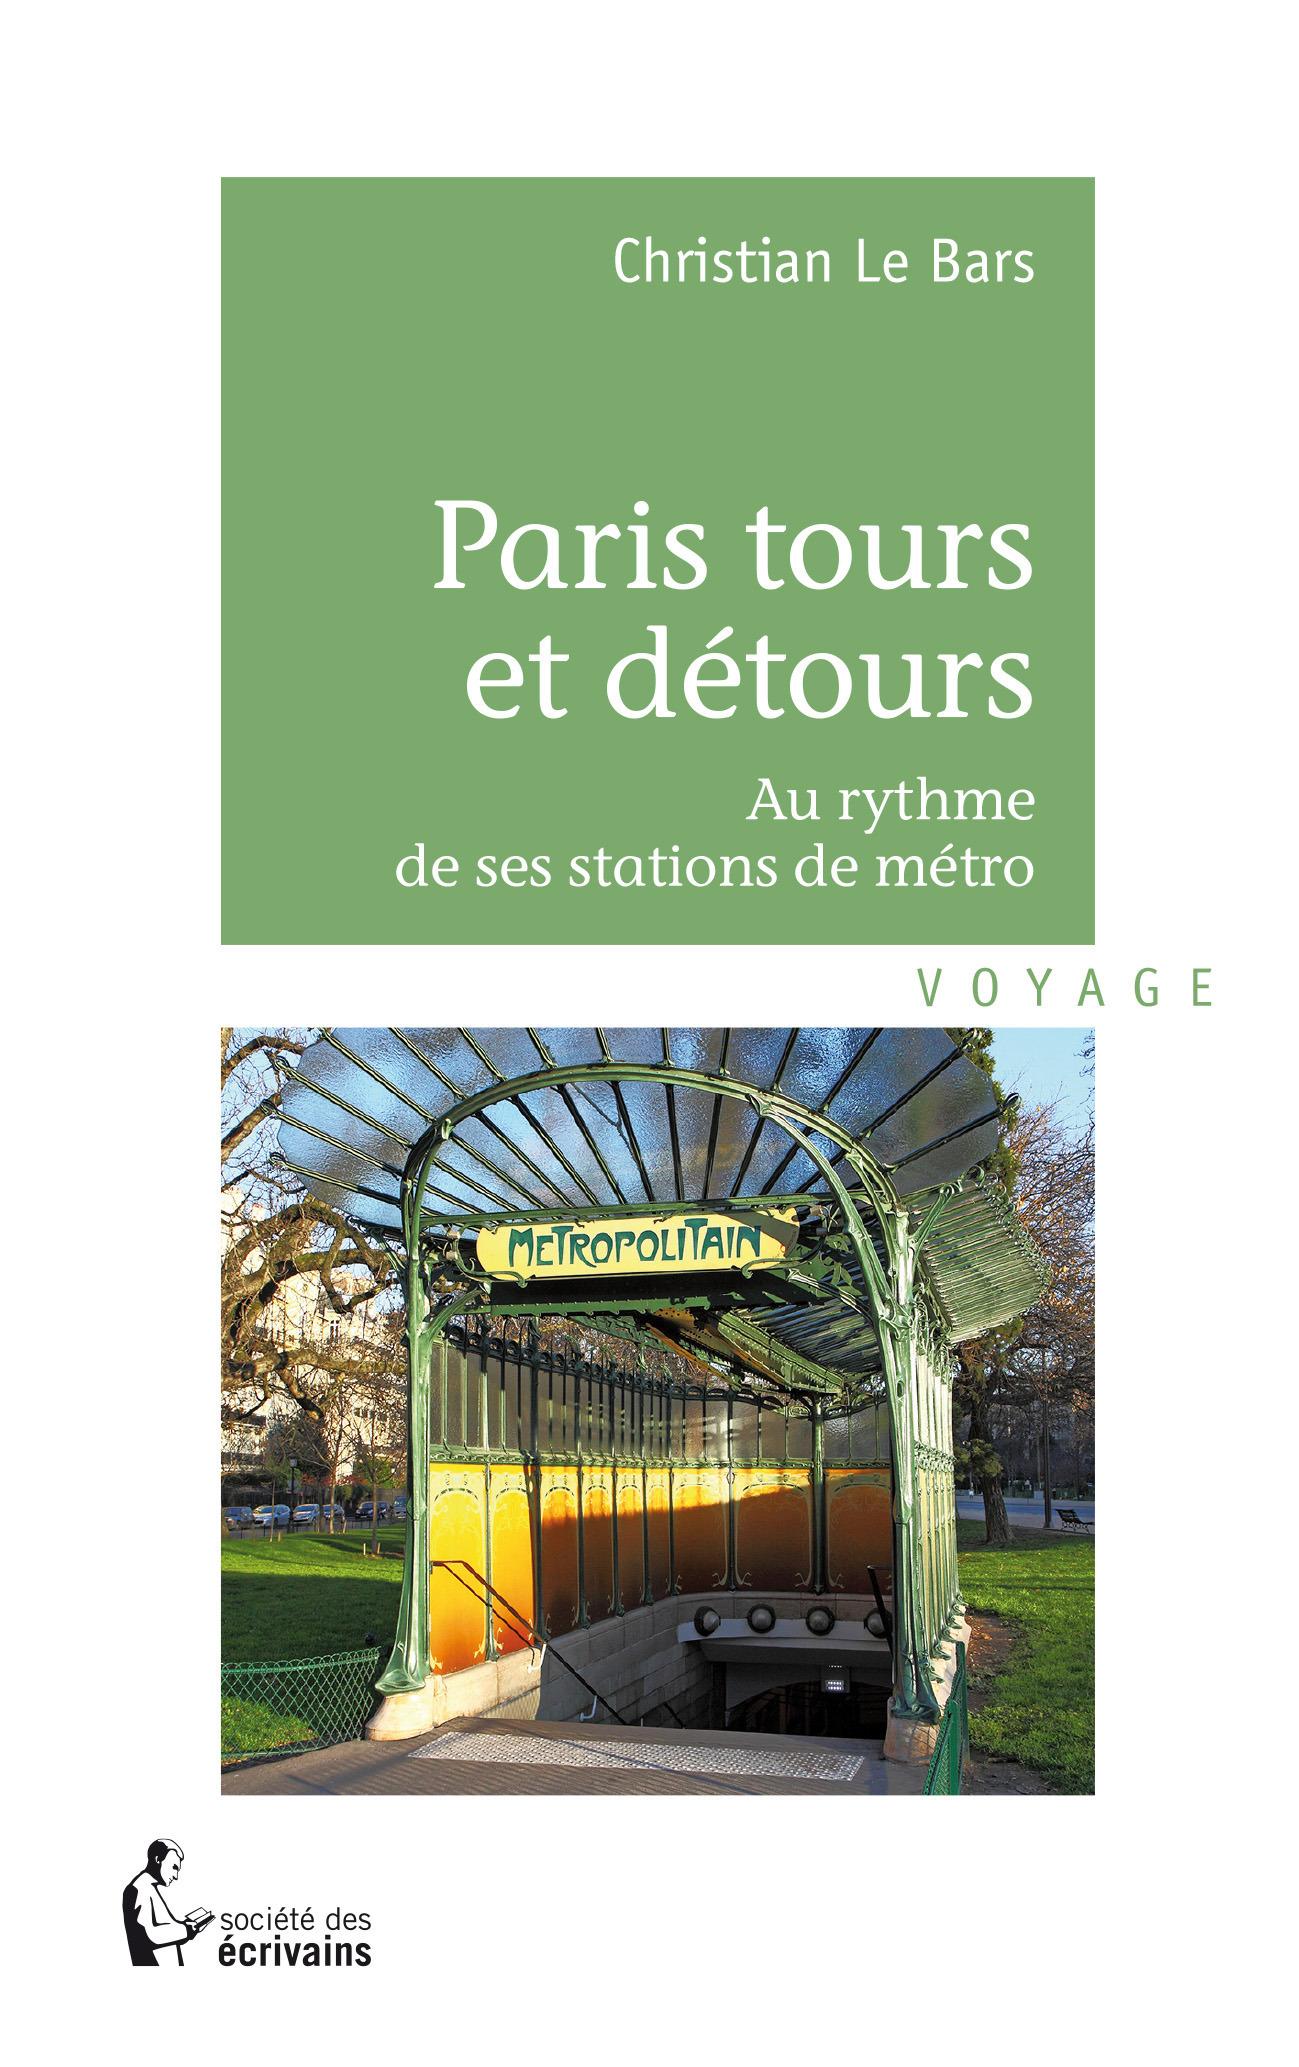 Paris tours et detours ; au rythme des stations de métro